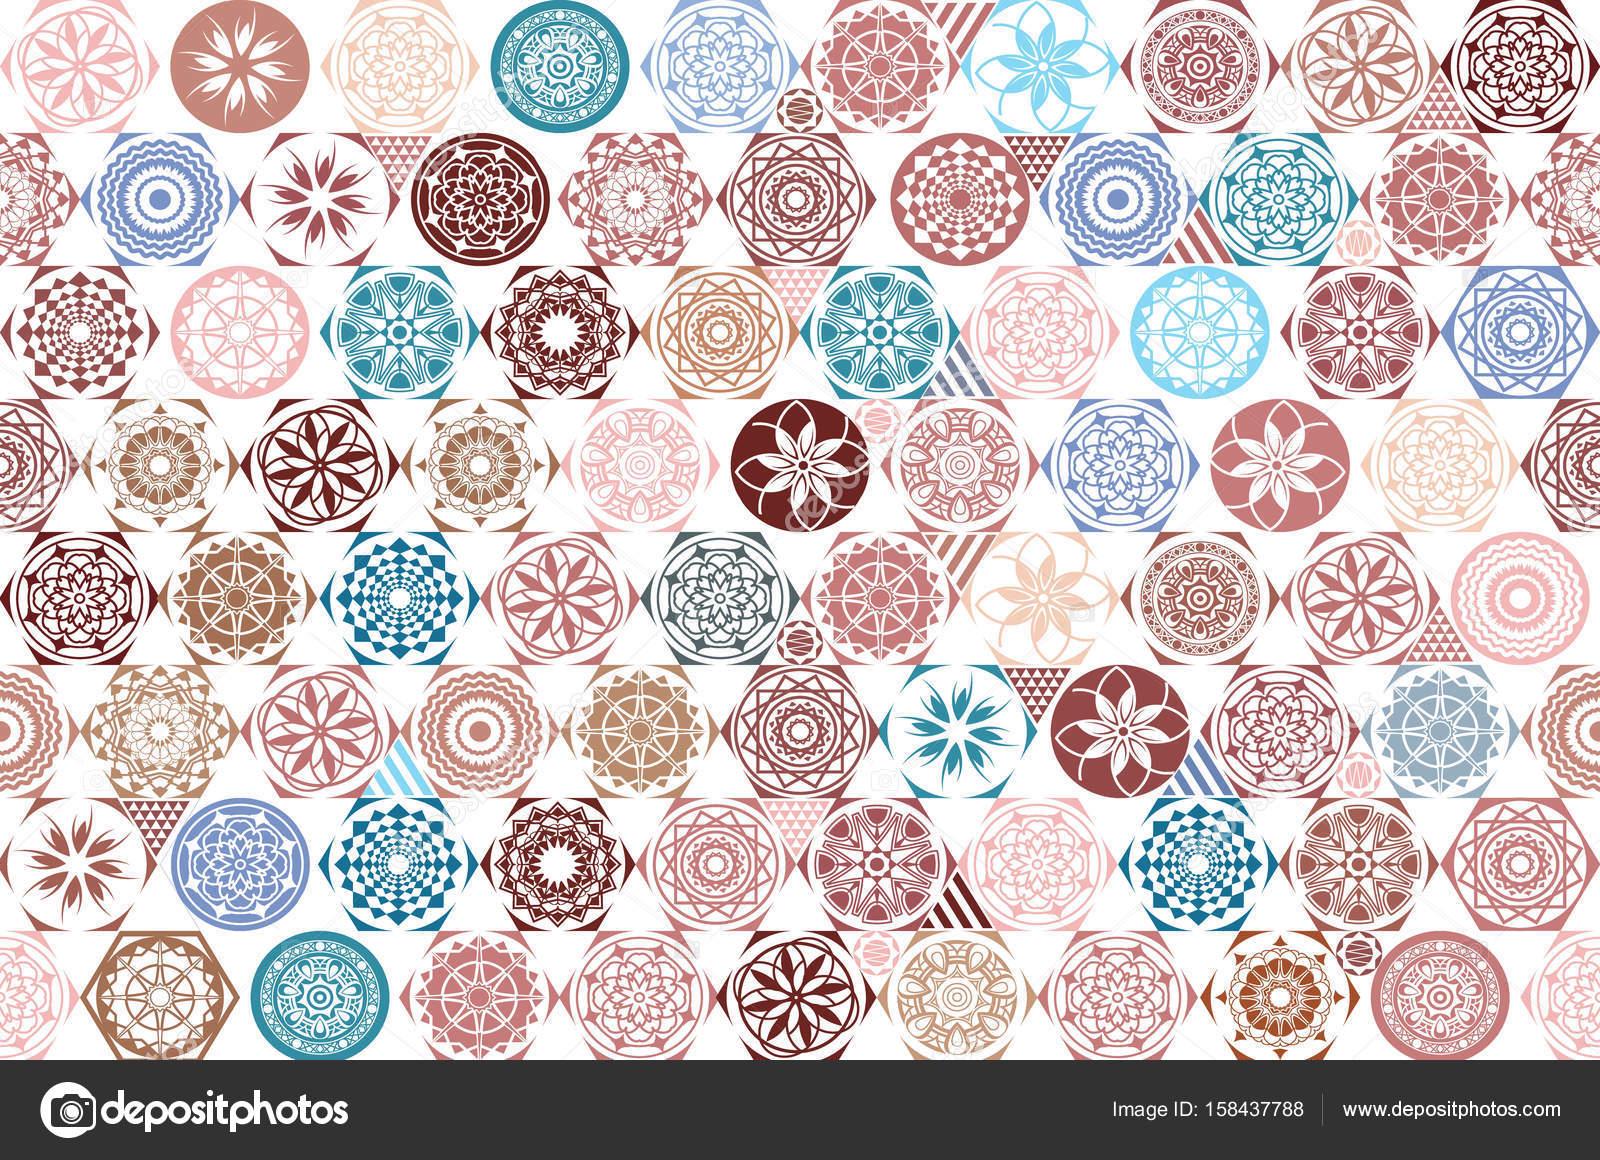 Baldosa cerámica transparente con patchwork de colores. Patrón ...